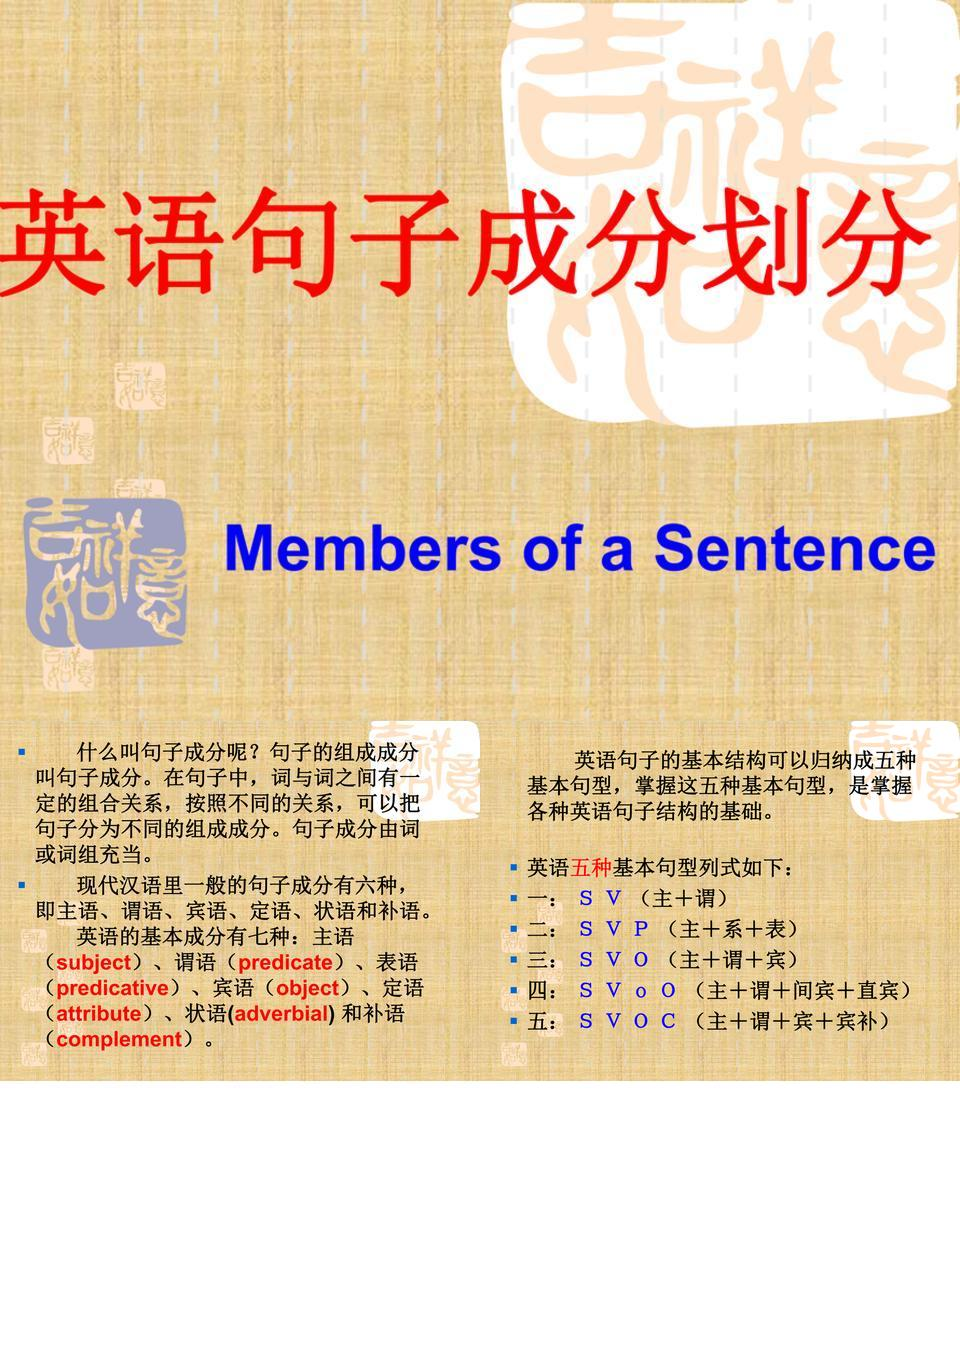 英语句子成分划分讲解.ppt